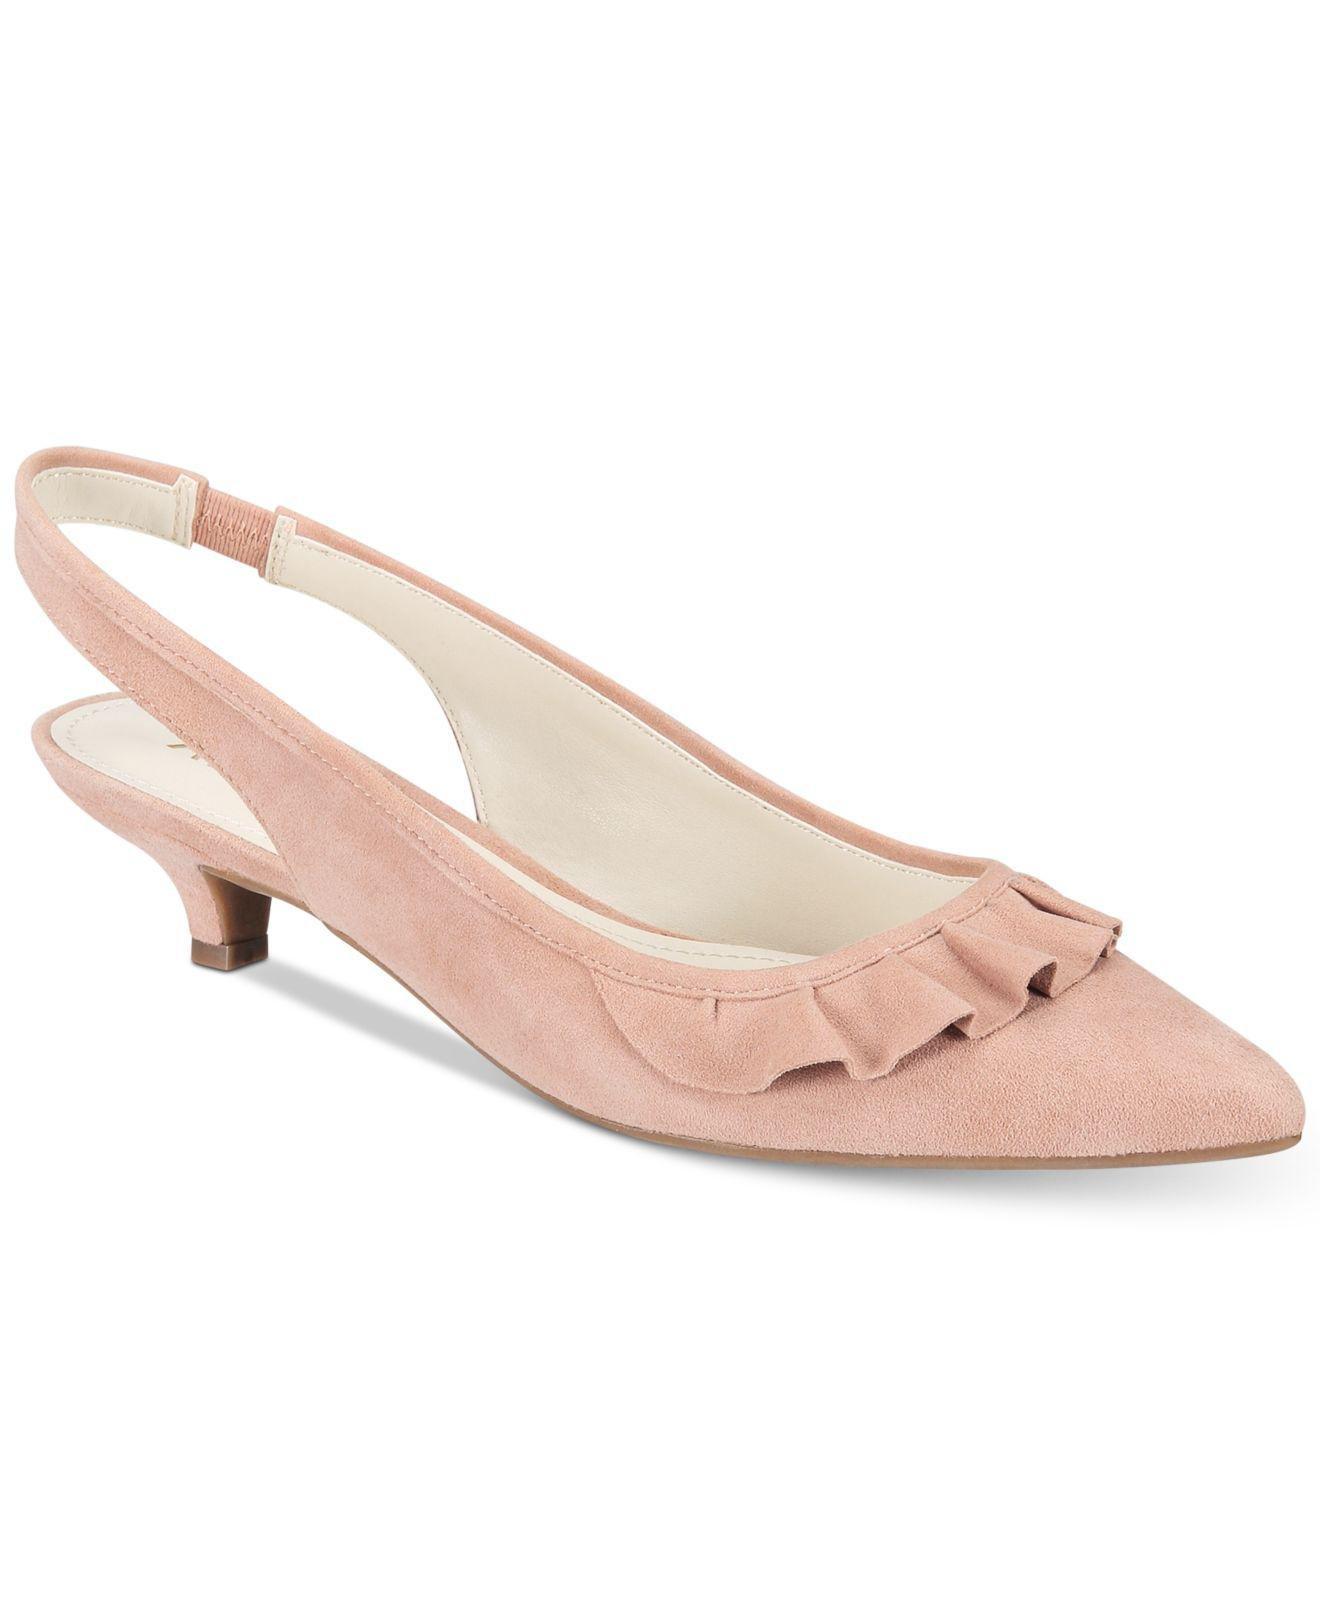 anne klein pink heels